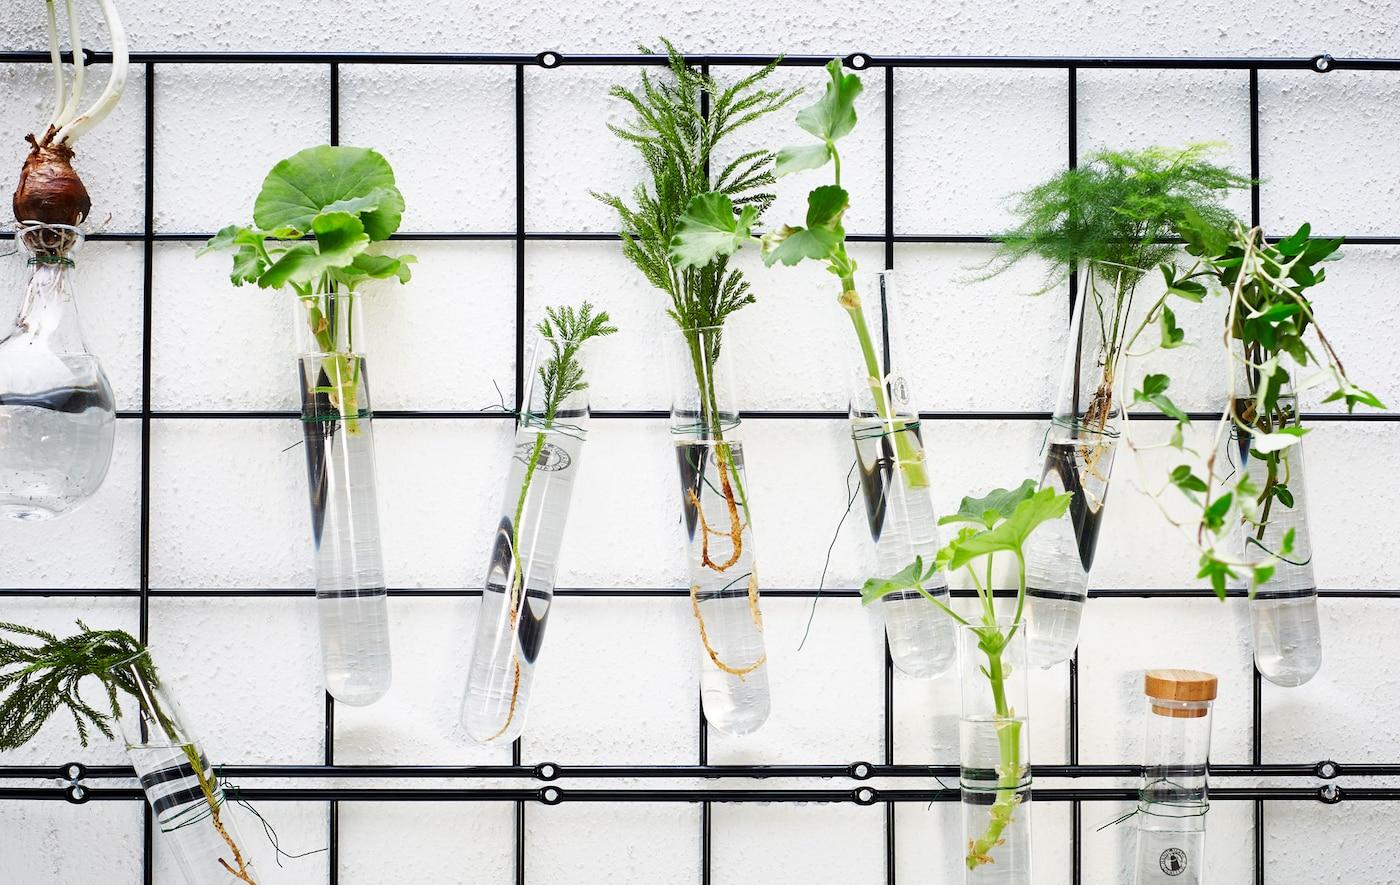 Flere espalier af trådnet hænger på en væg og udstiller planter i små glas